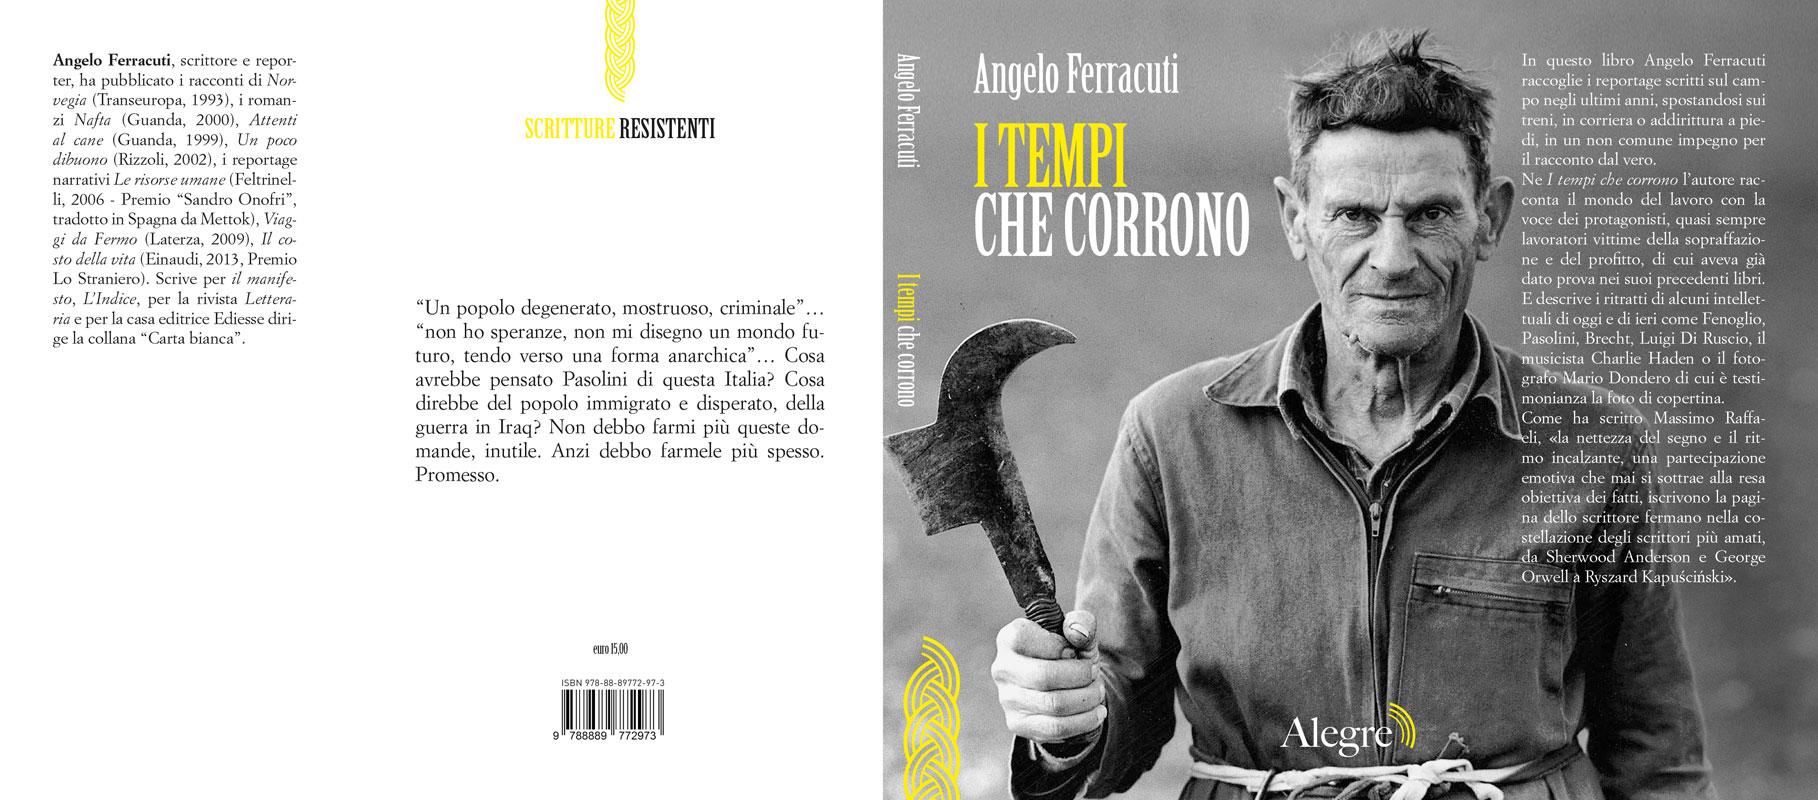 Angelo Ferracuti, I tempi che corrono, stesa